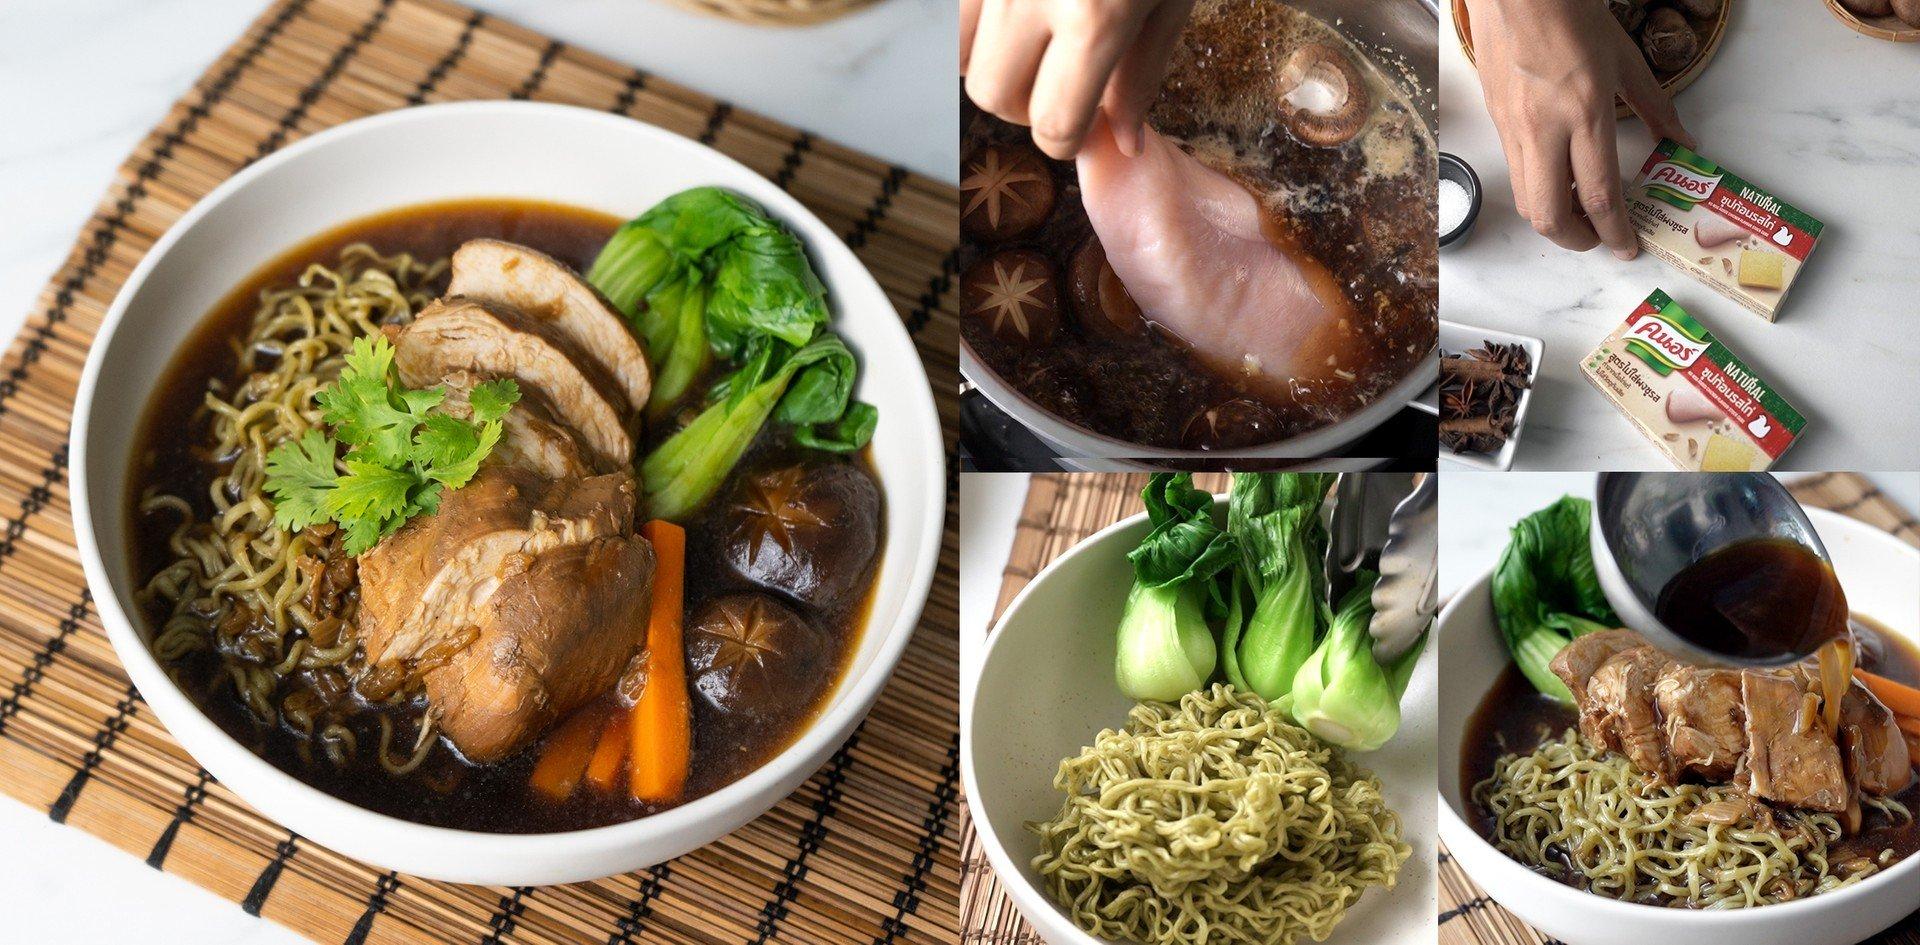 """วิธีทำ """"บะหมี่ผักอกไก่ตุ๋น"""" เมนูไก่ เอาใจคนรักสุขภาพ - Wongnai"""